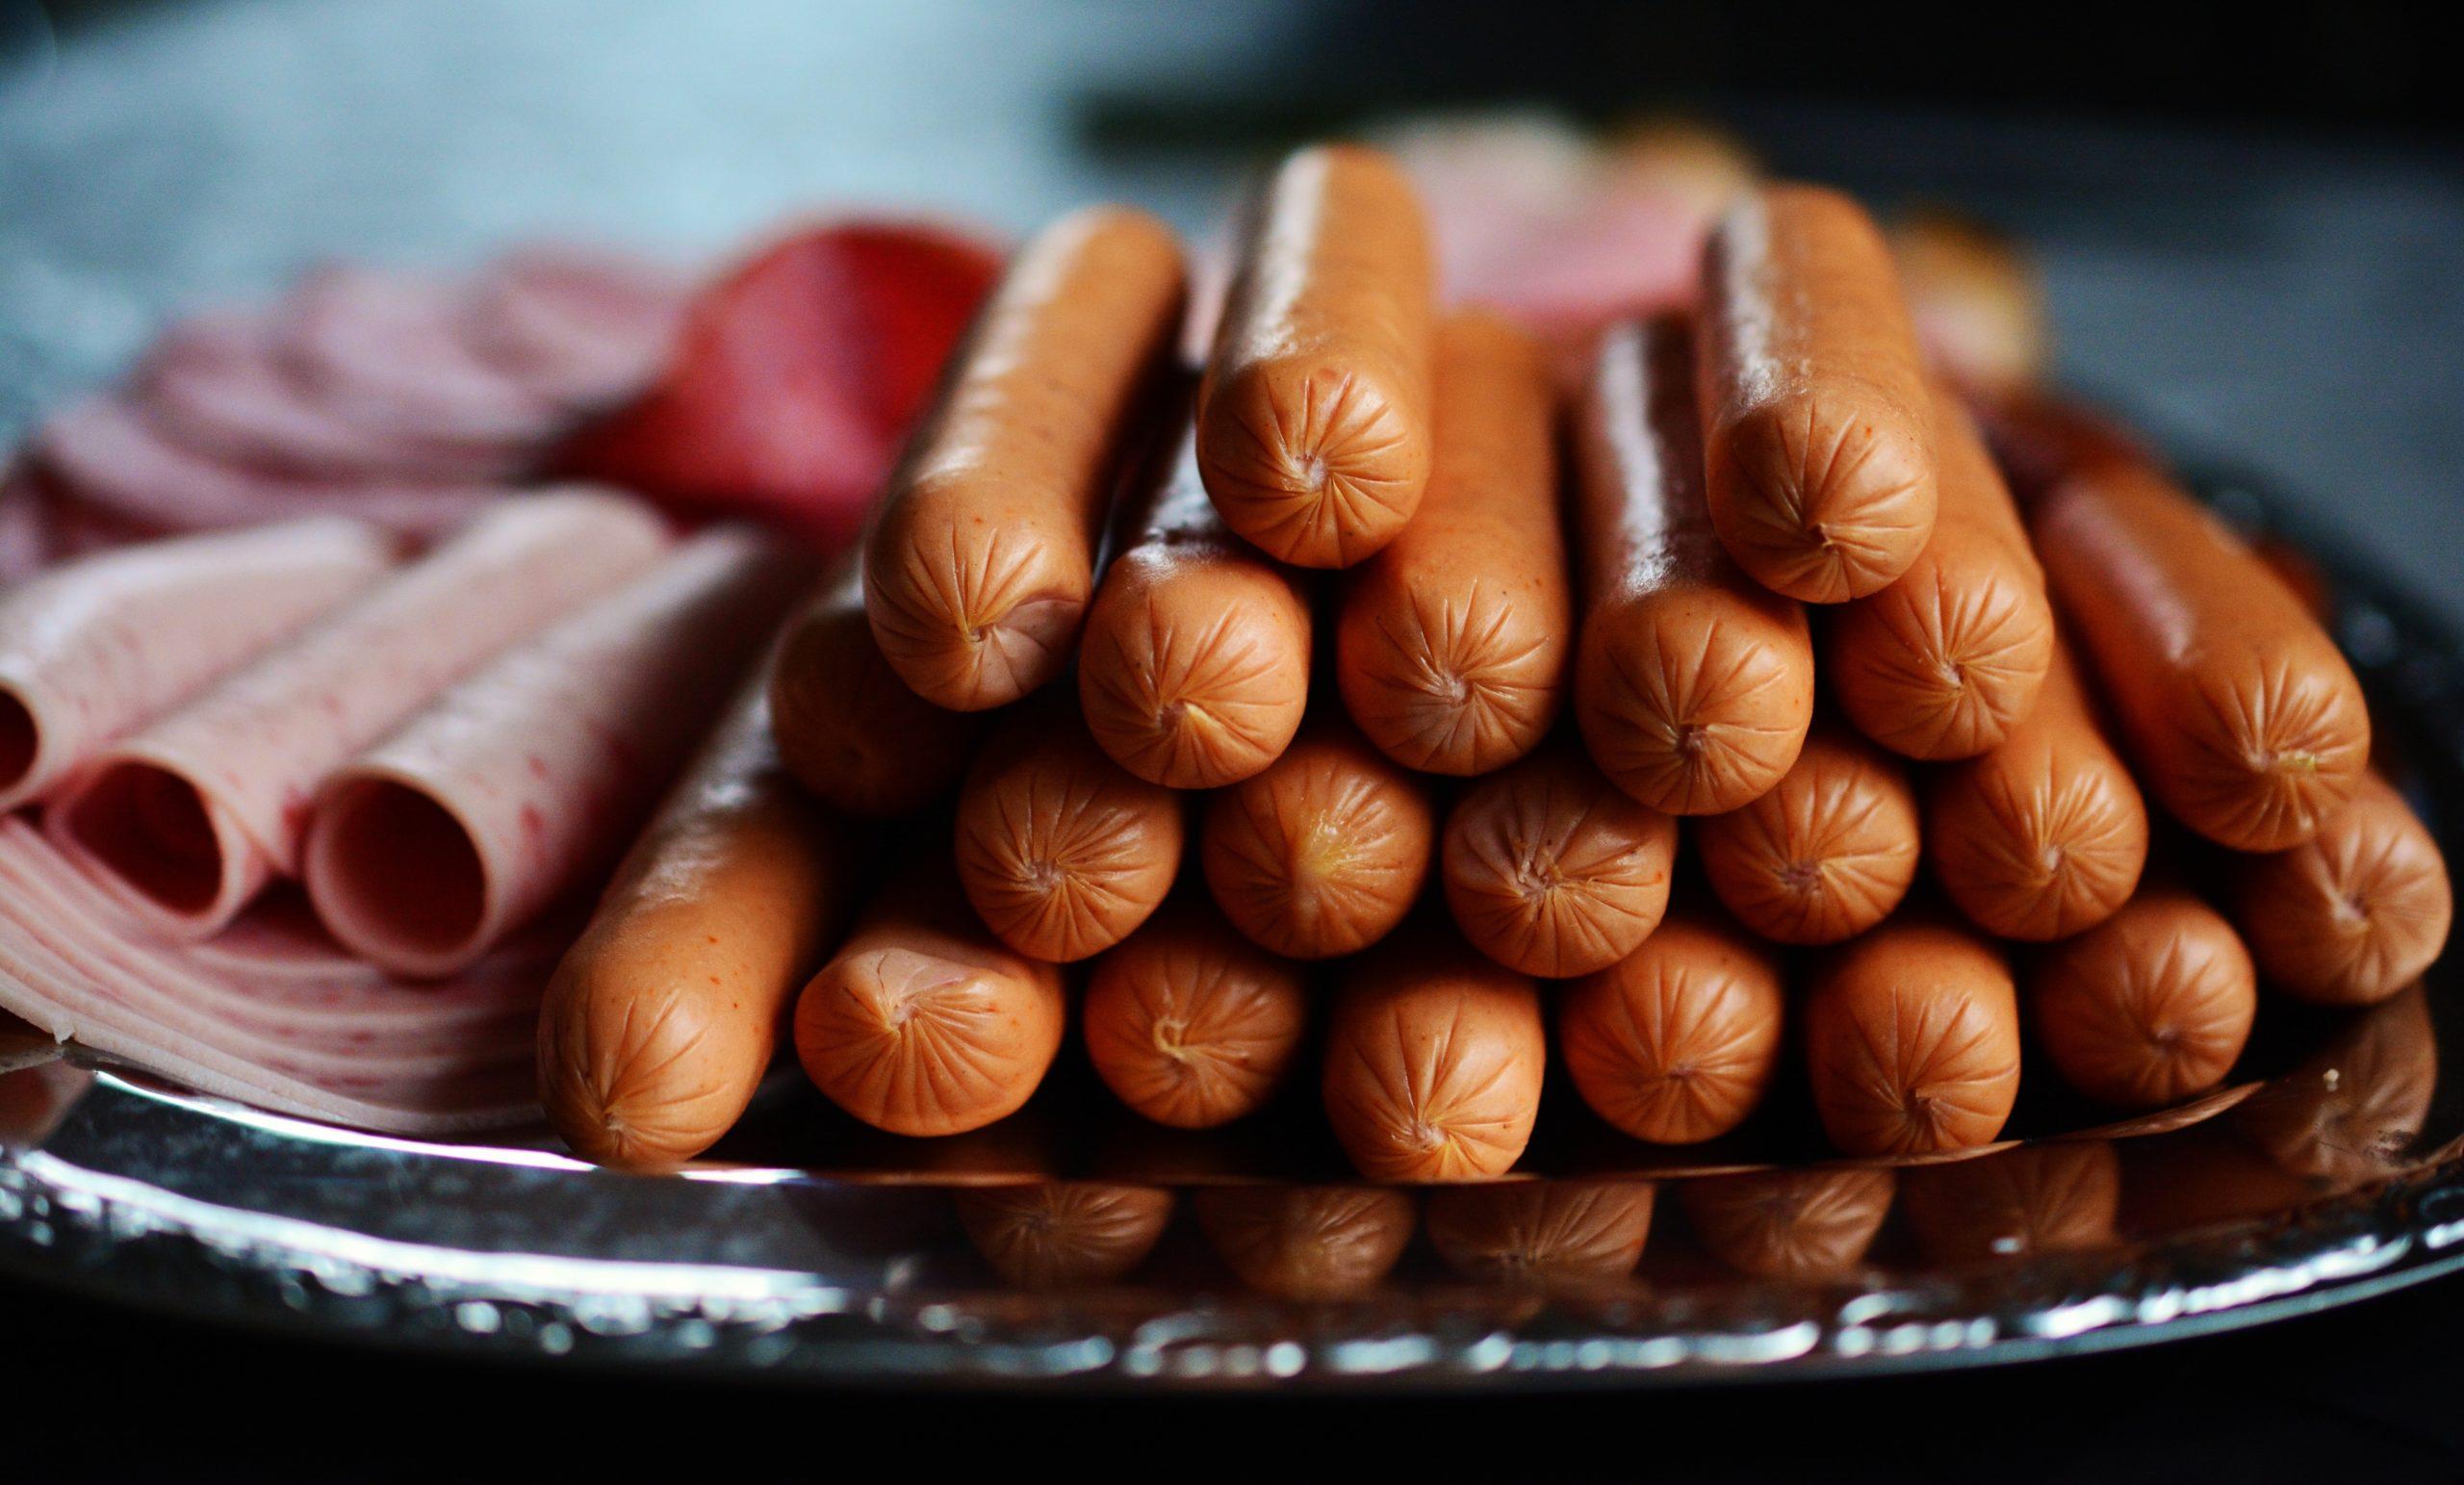 aliments anti-cancer : les charcuteries sont des aliments à facteur de risque